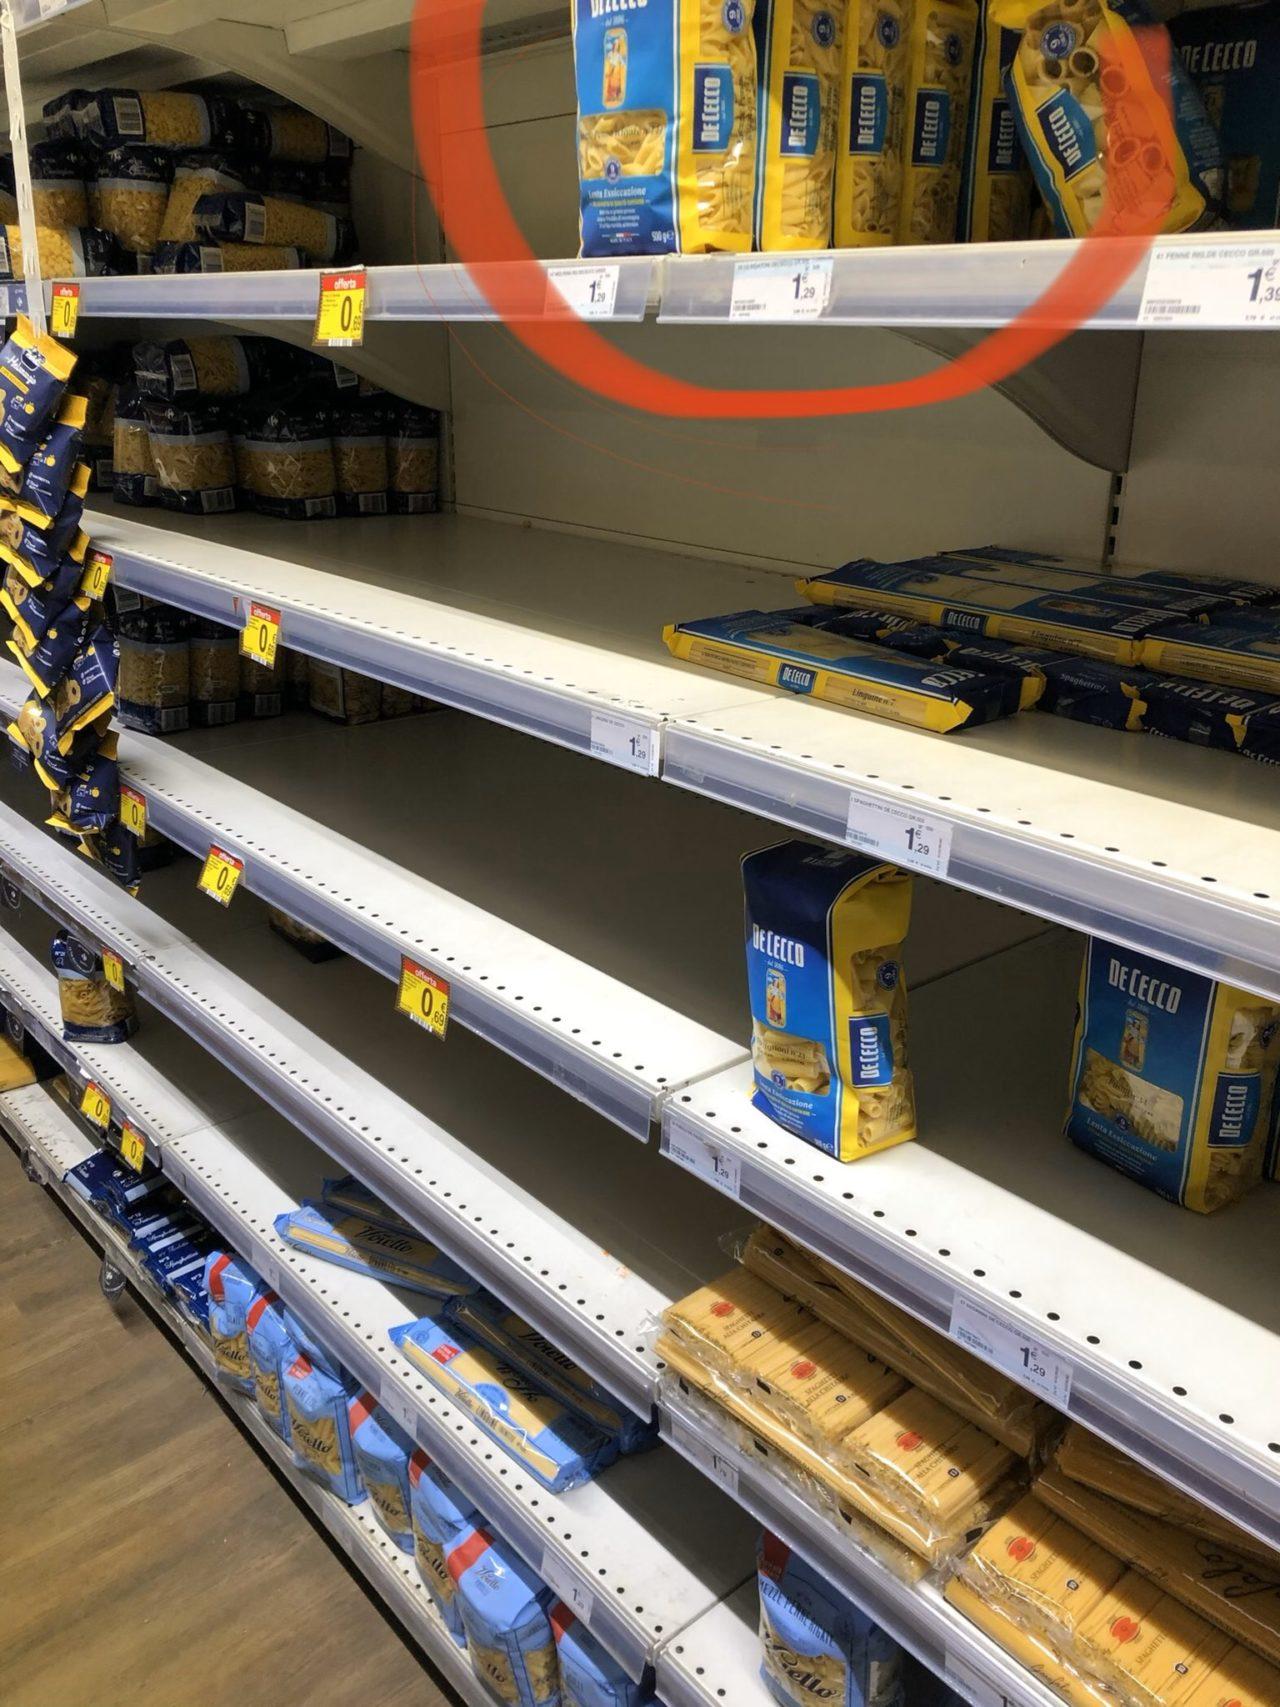 le penne nel supermercato svuotato sono rigate e non lisce